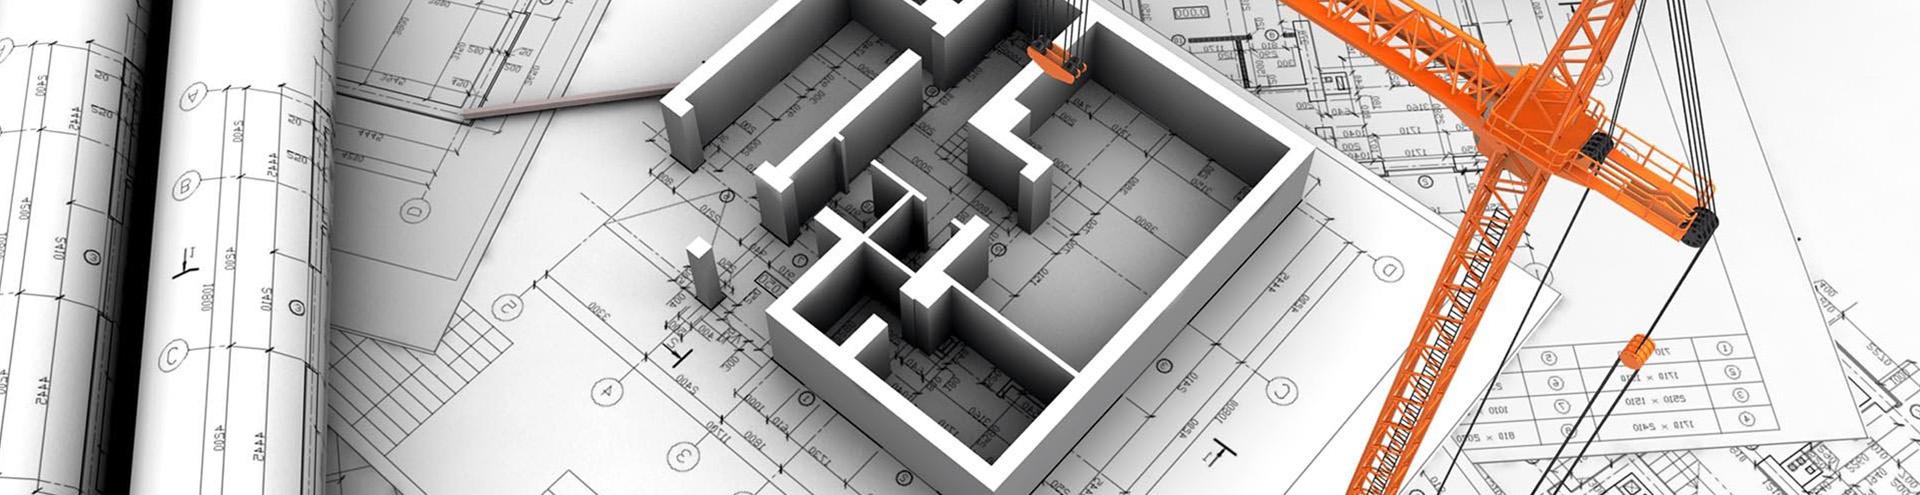 Получение разрешения на реконструкцию здания в Твери и Тверской области